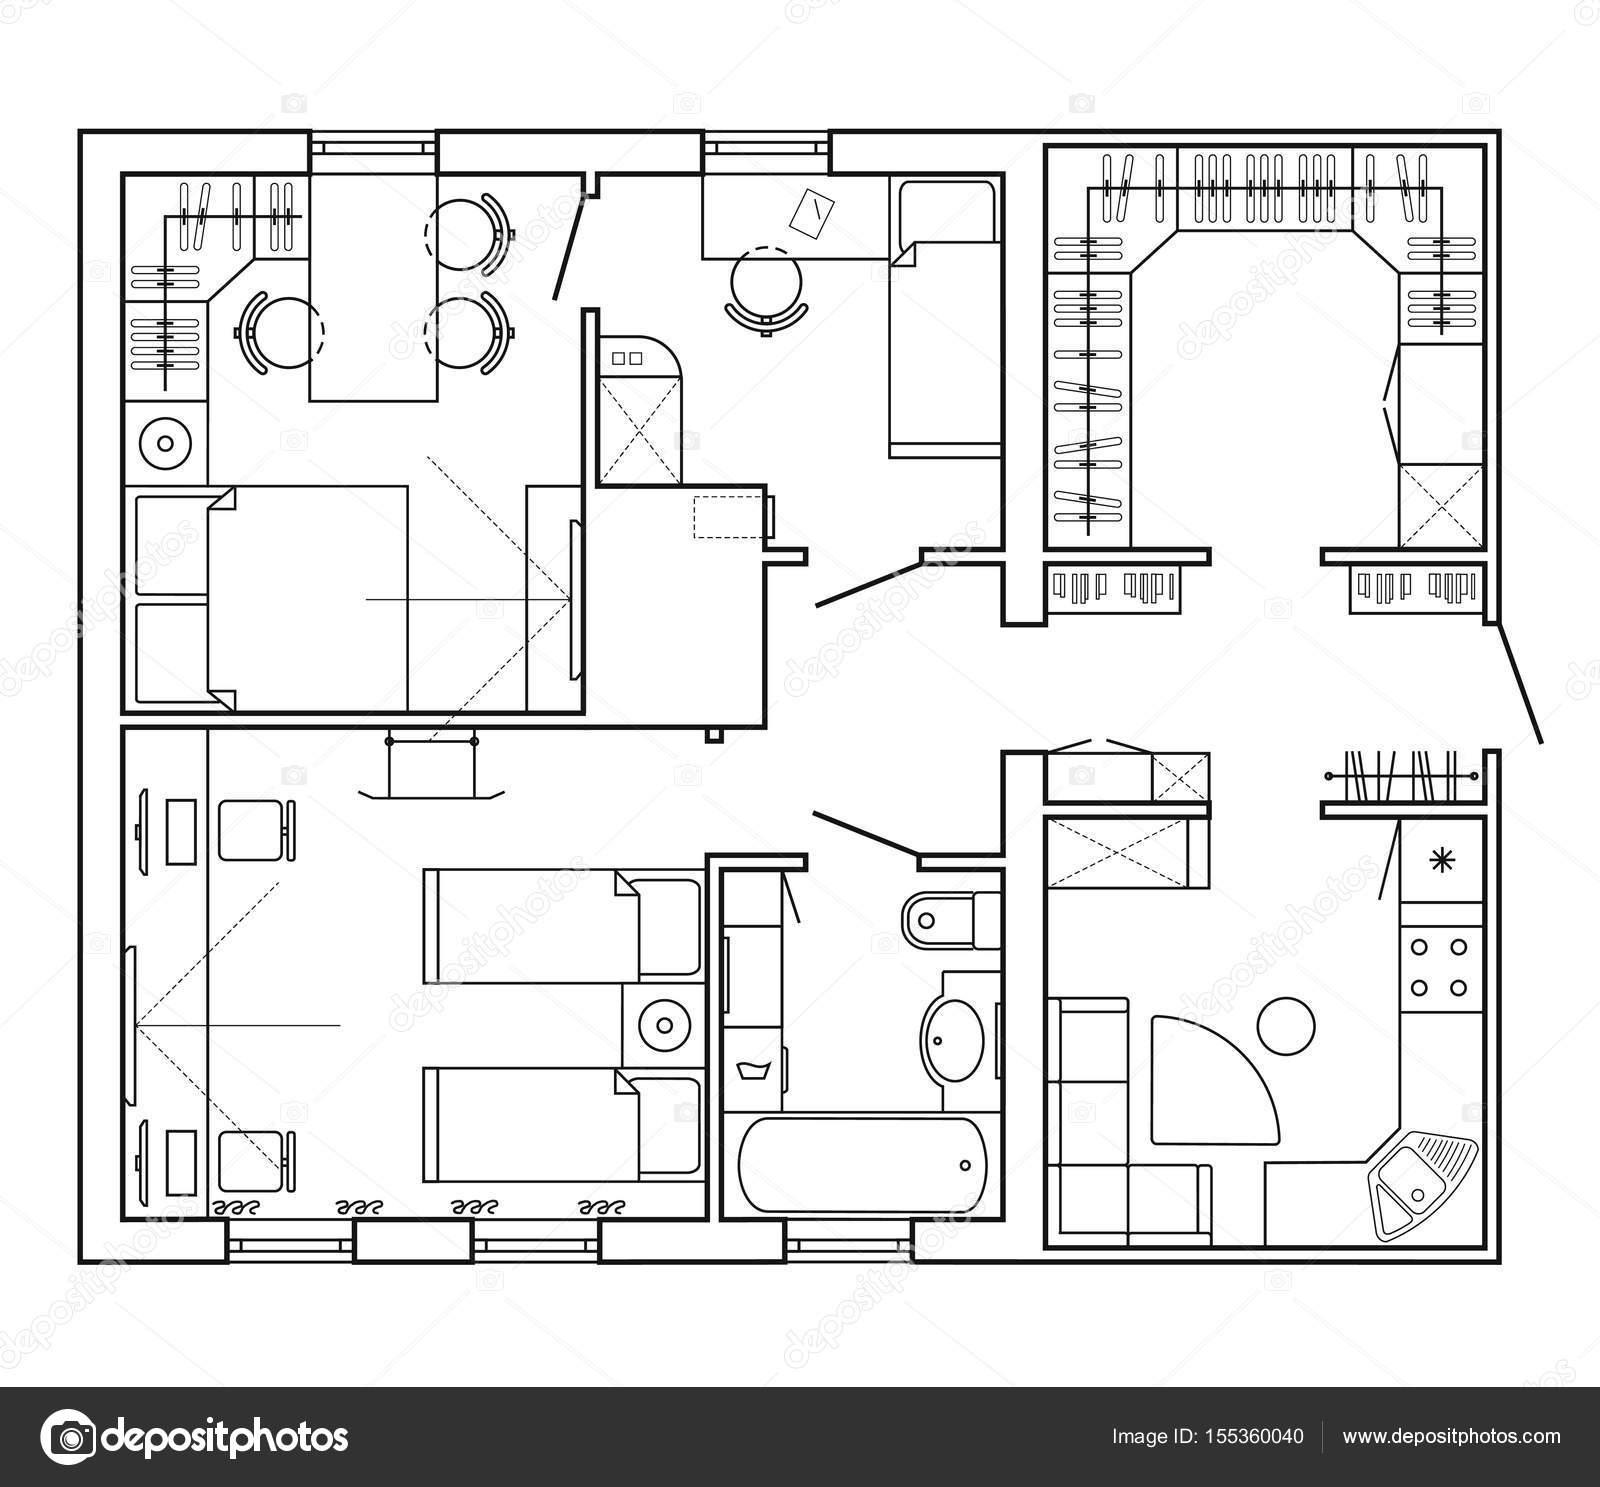 indeling van het appartement met de meubels in de tekening weergeven keuken en badkamer woonkamer en slaapkamer grafisch ontwerpelementen vector van